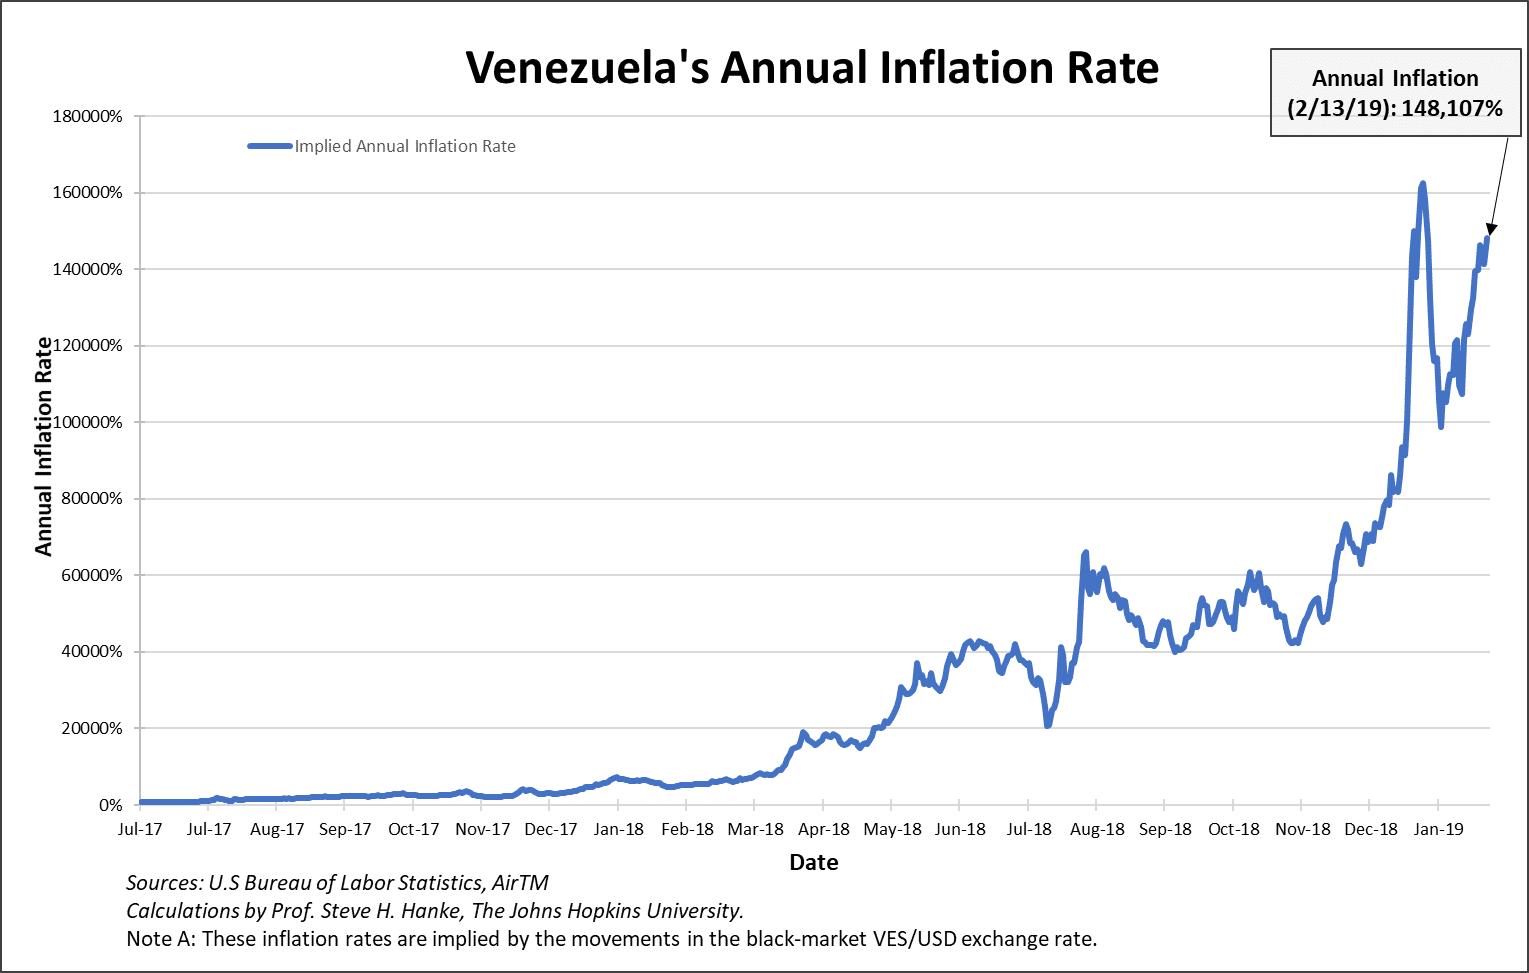 Venezuela: Et ça continue de monter... le taux d'inflation annuel évolue désormais à plus de 148.100% !!!